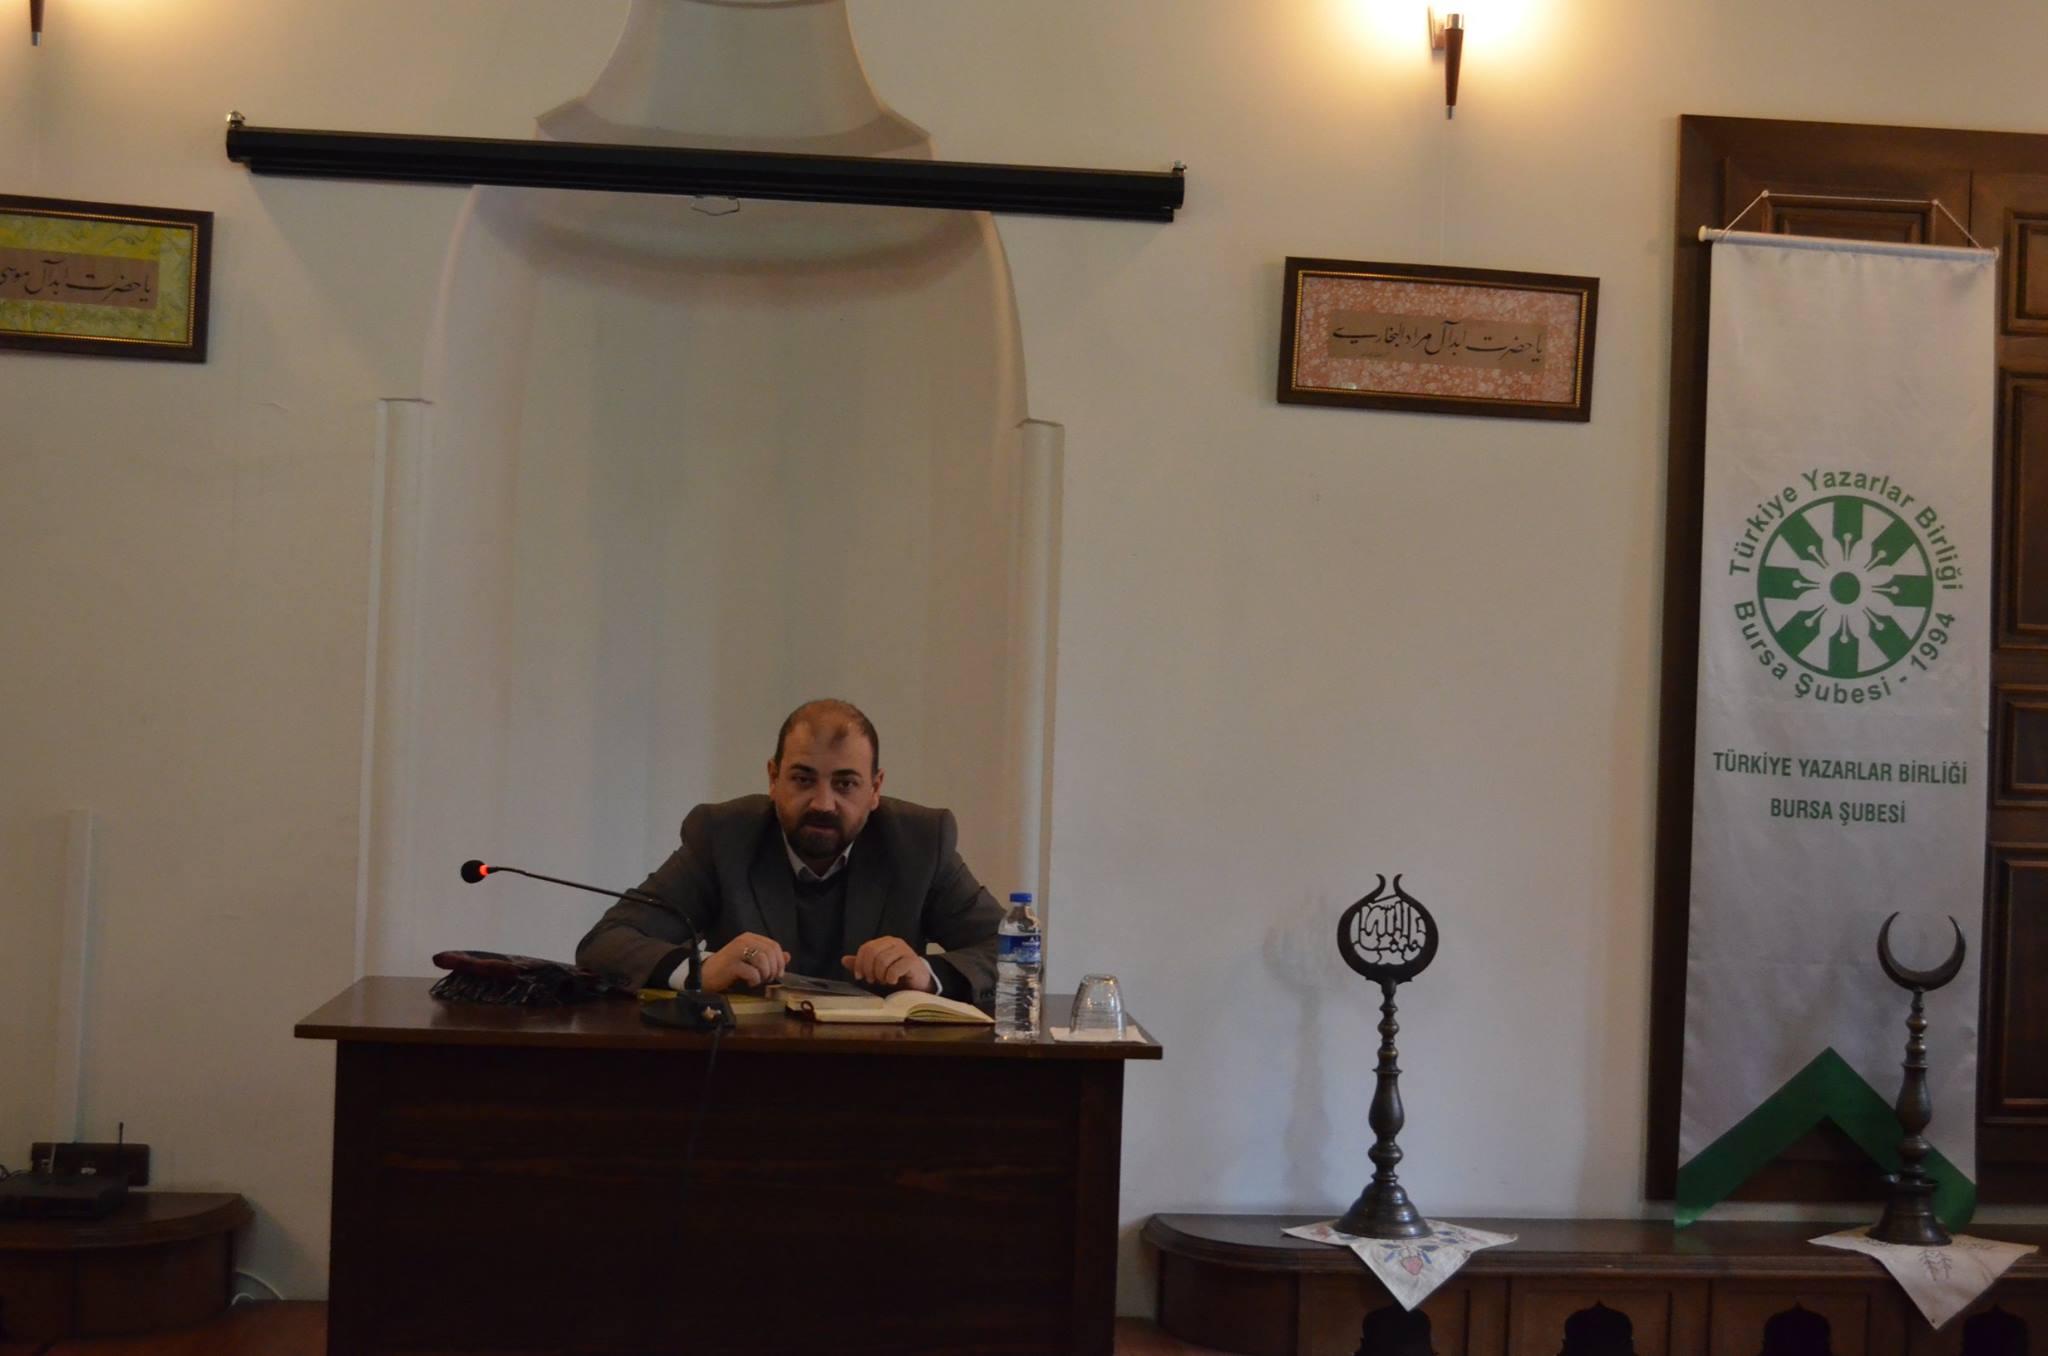 Bursa Şubesi Doç. Dr. Mehmet Fatih Birgül'ü Ağırladı